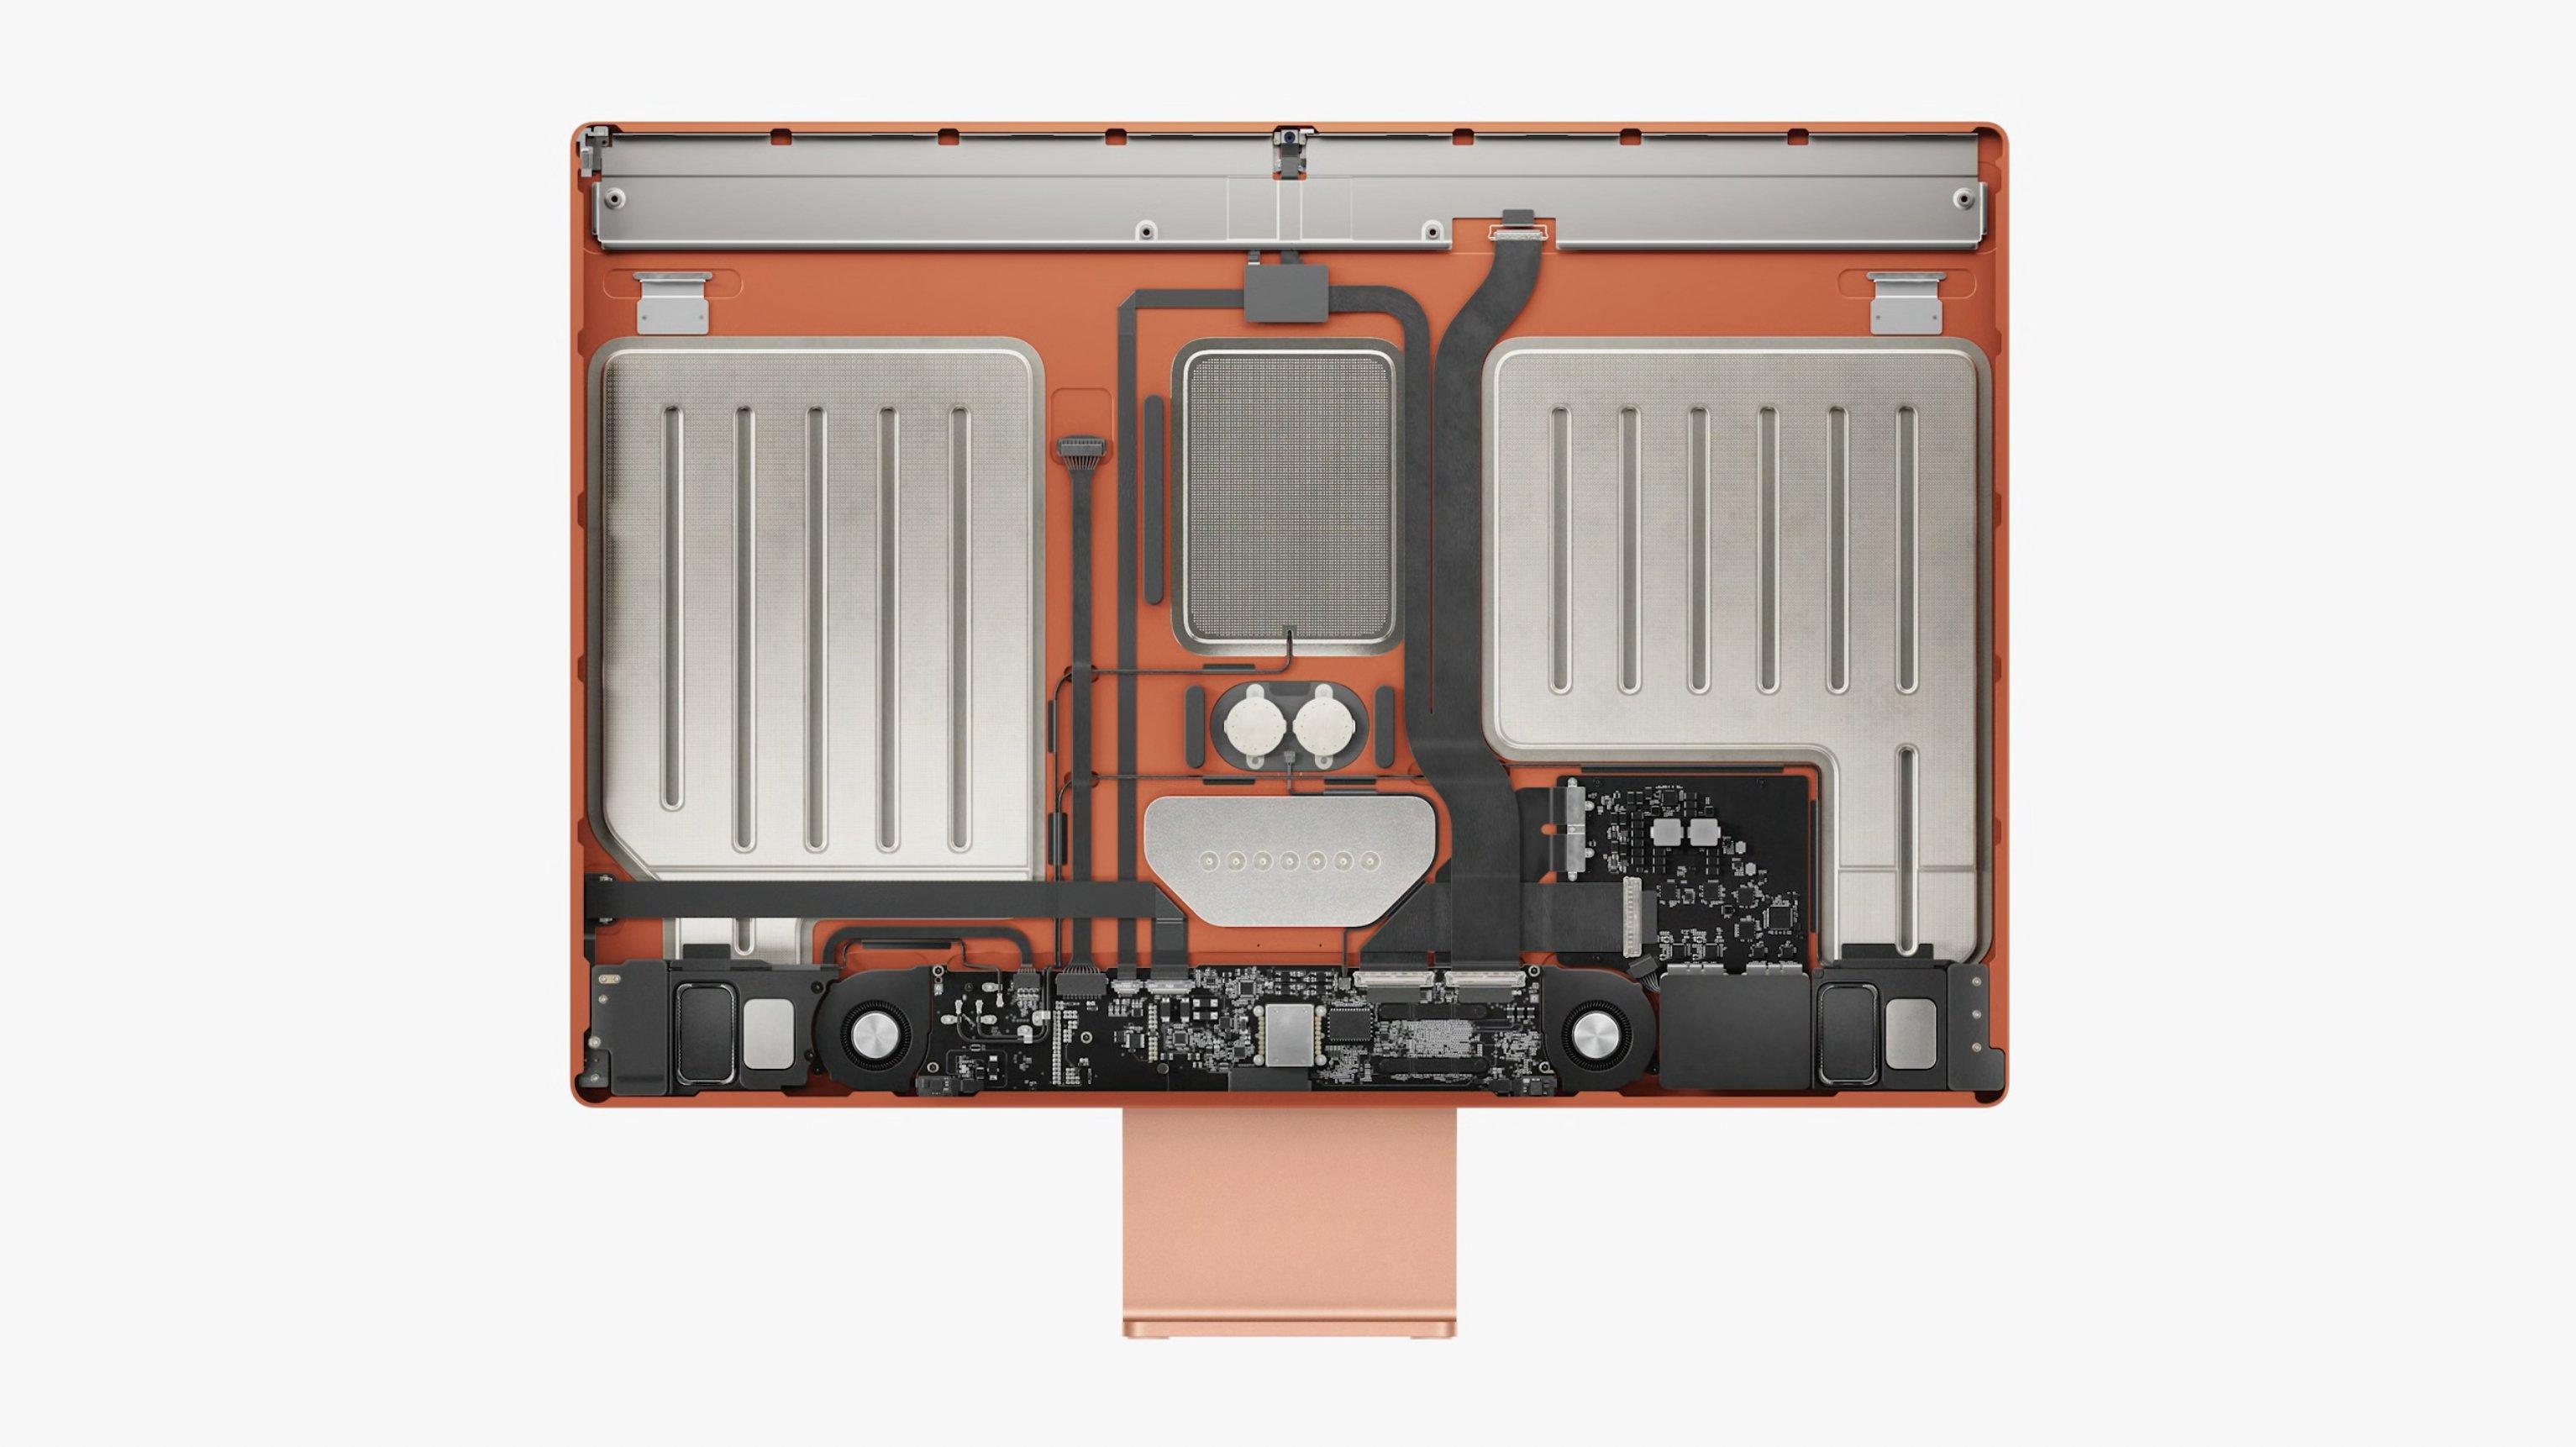 """Un ingénieur révèle les entrailles du nouvel iMac en montrant le """"menton""""  qui contient la carte logique M1 - NotebookCheck.net News"""